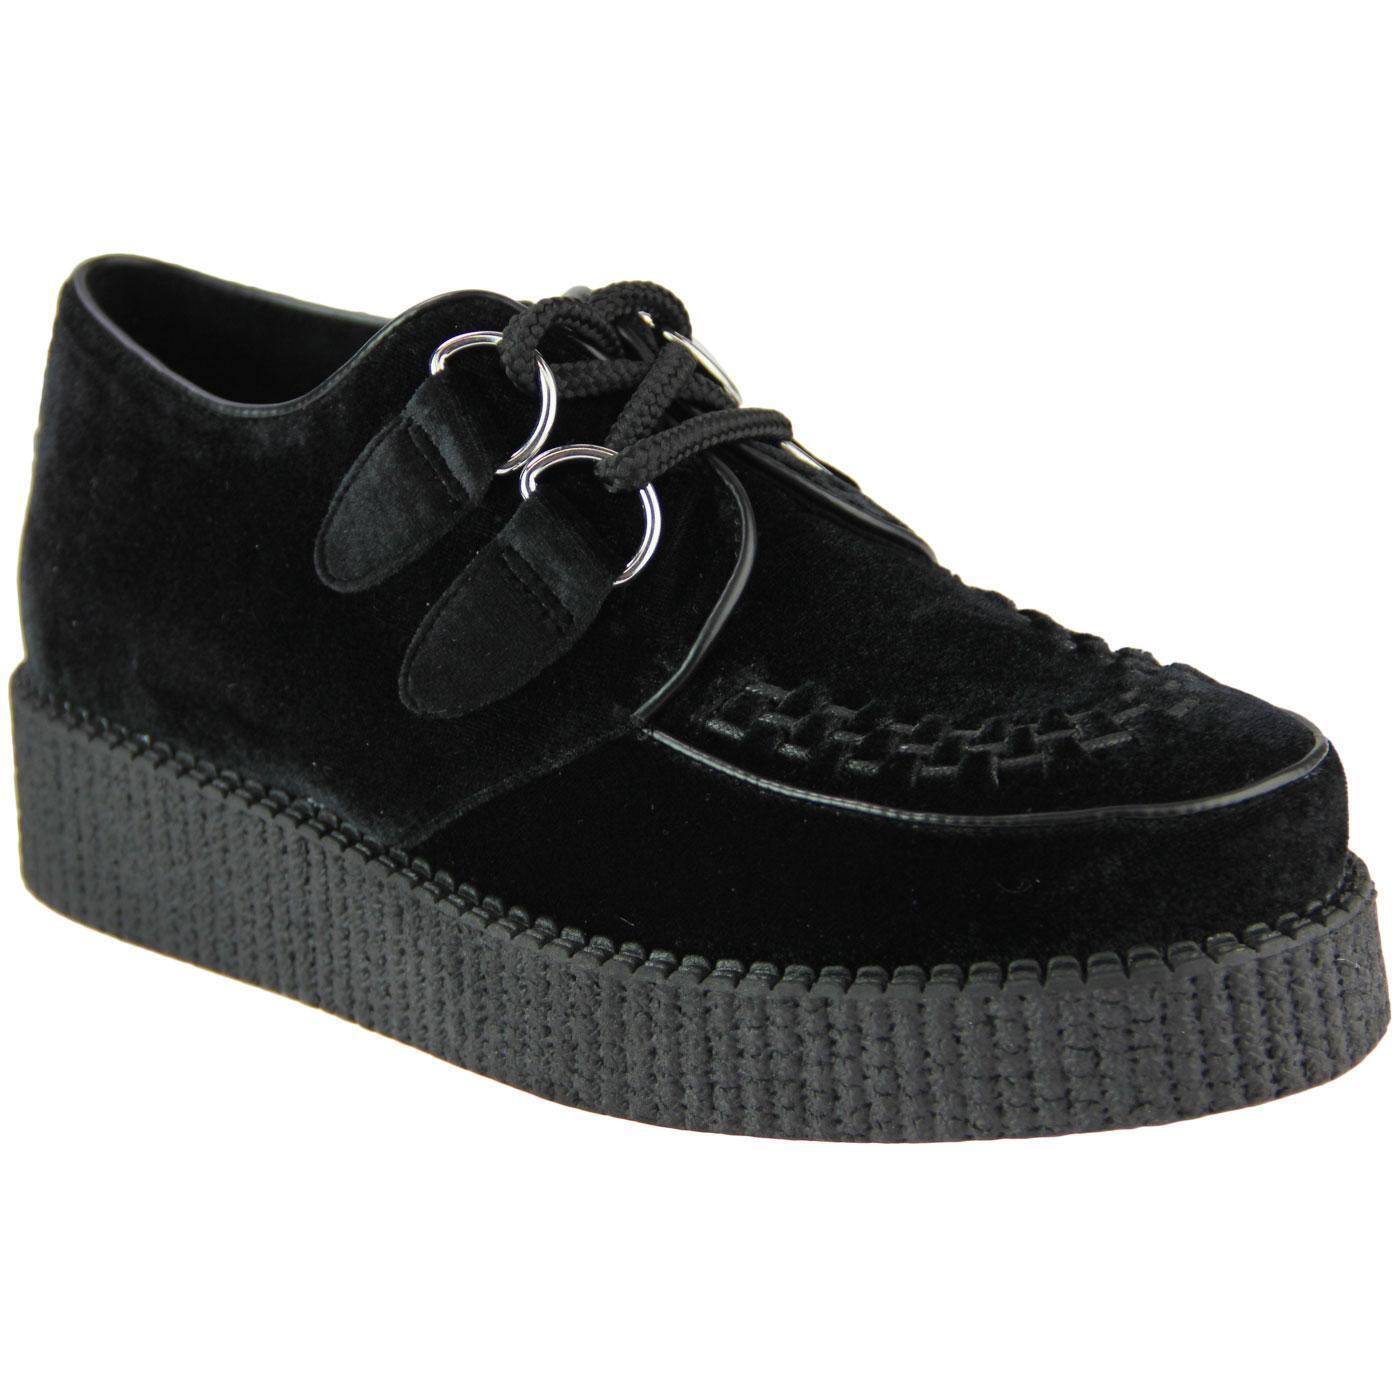 Nuevo Madcap Para Para Para Mujer Mod Rockabilly 50s Negro Terciopelo Creepers Zapatos Rumble 32406  descuento de ventas en línea